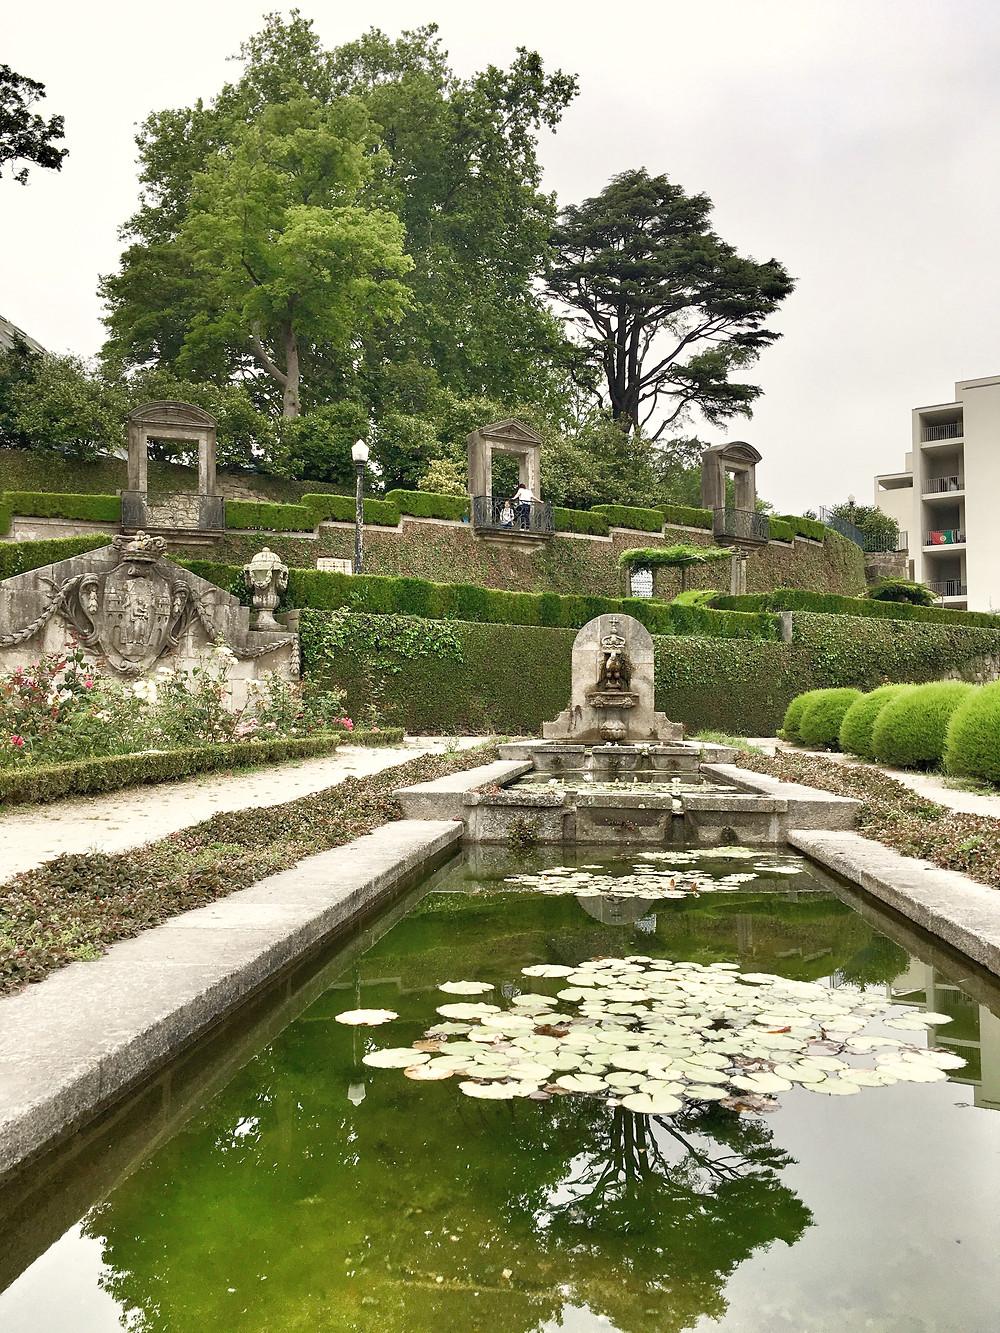 Jardins do Palácio de Cristal in Porto